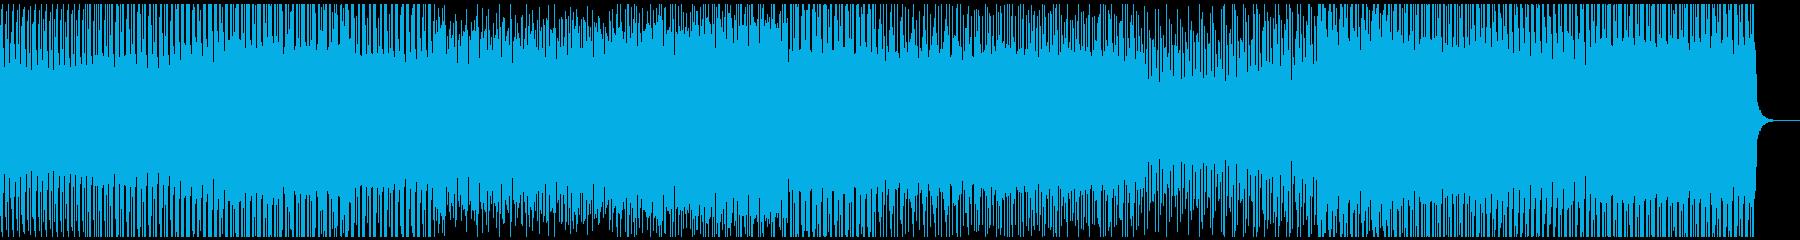 重工業あるいは禍々しいもの、ハードテクノの再生済みの波形